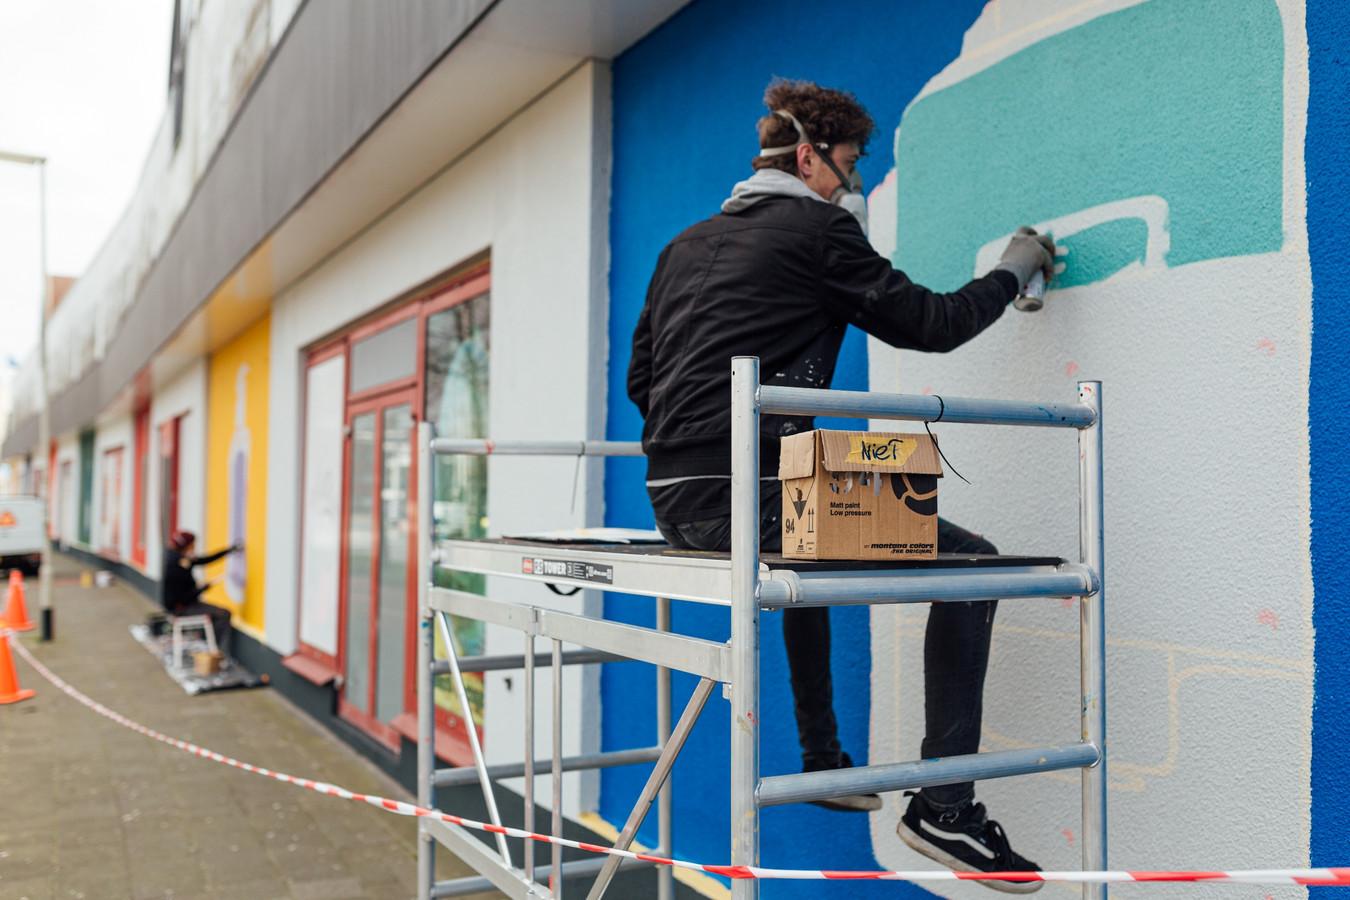 Kunstenaar Tom Onrust aan het werk bij Blind Walls Gallery bij winkelcentrum Lunet